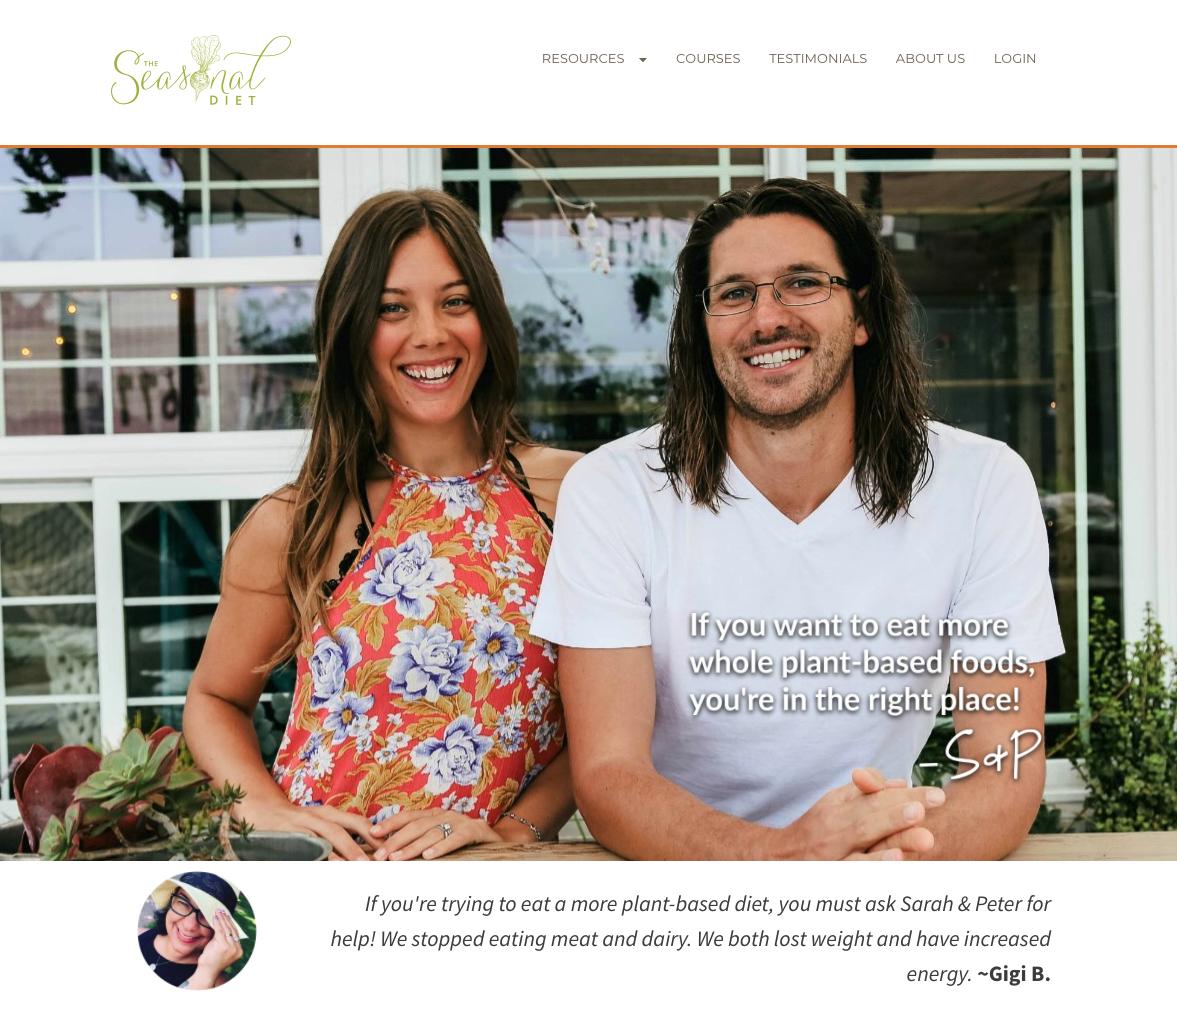 Screenshot of The Seasonal Diet website